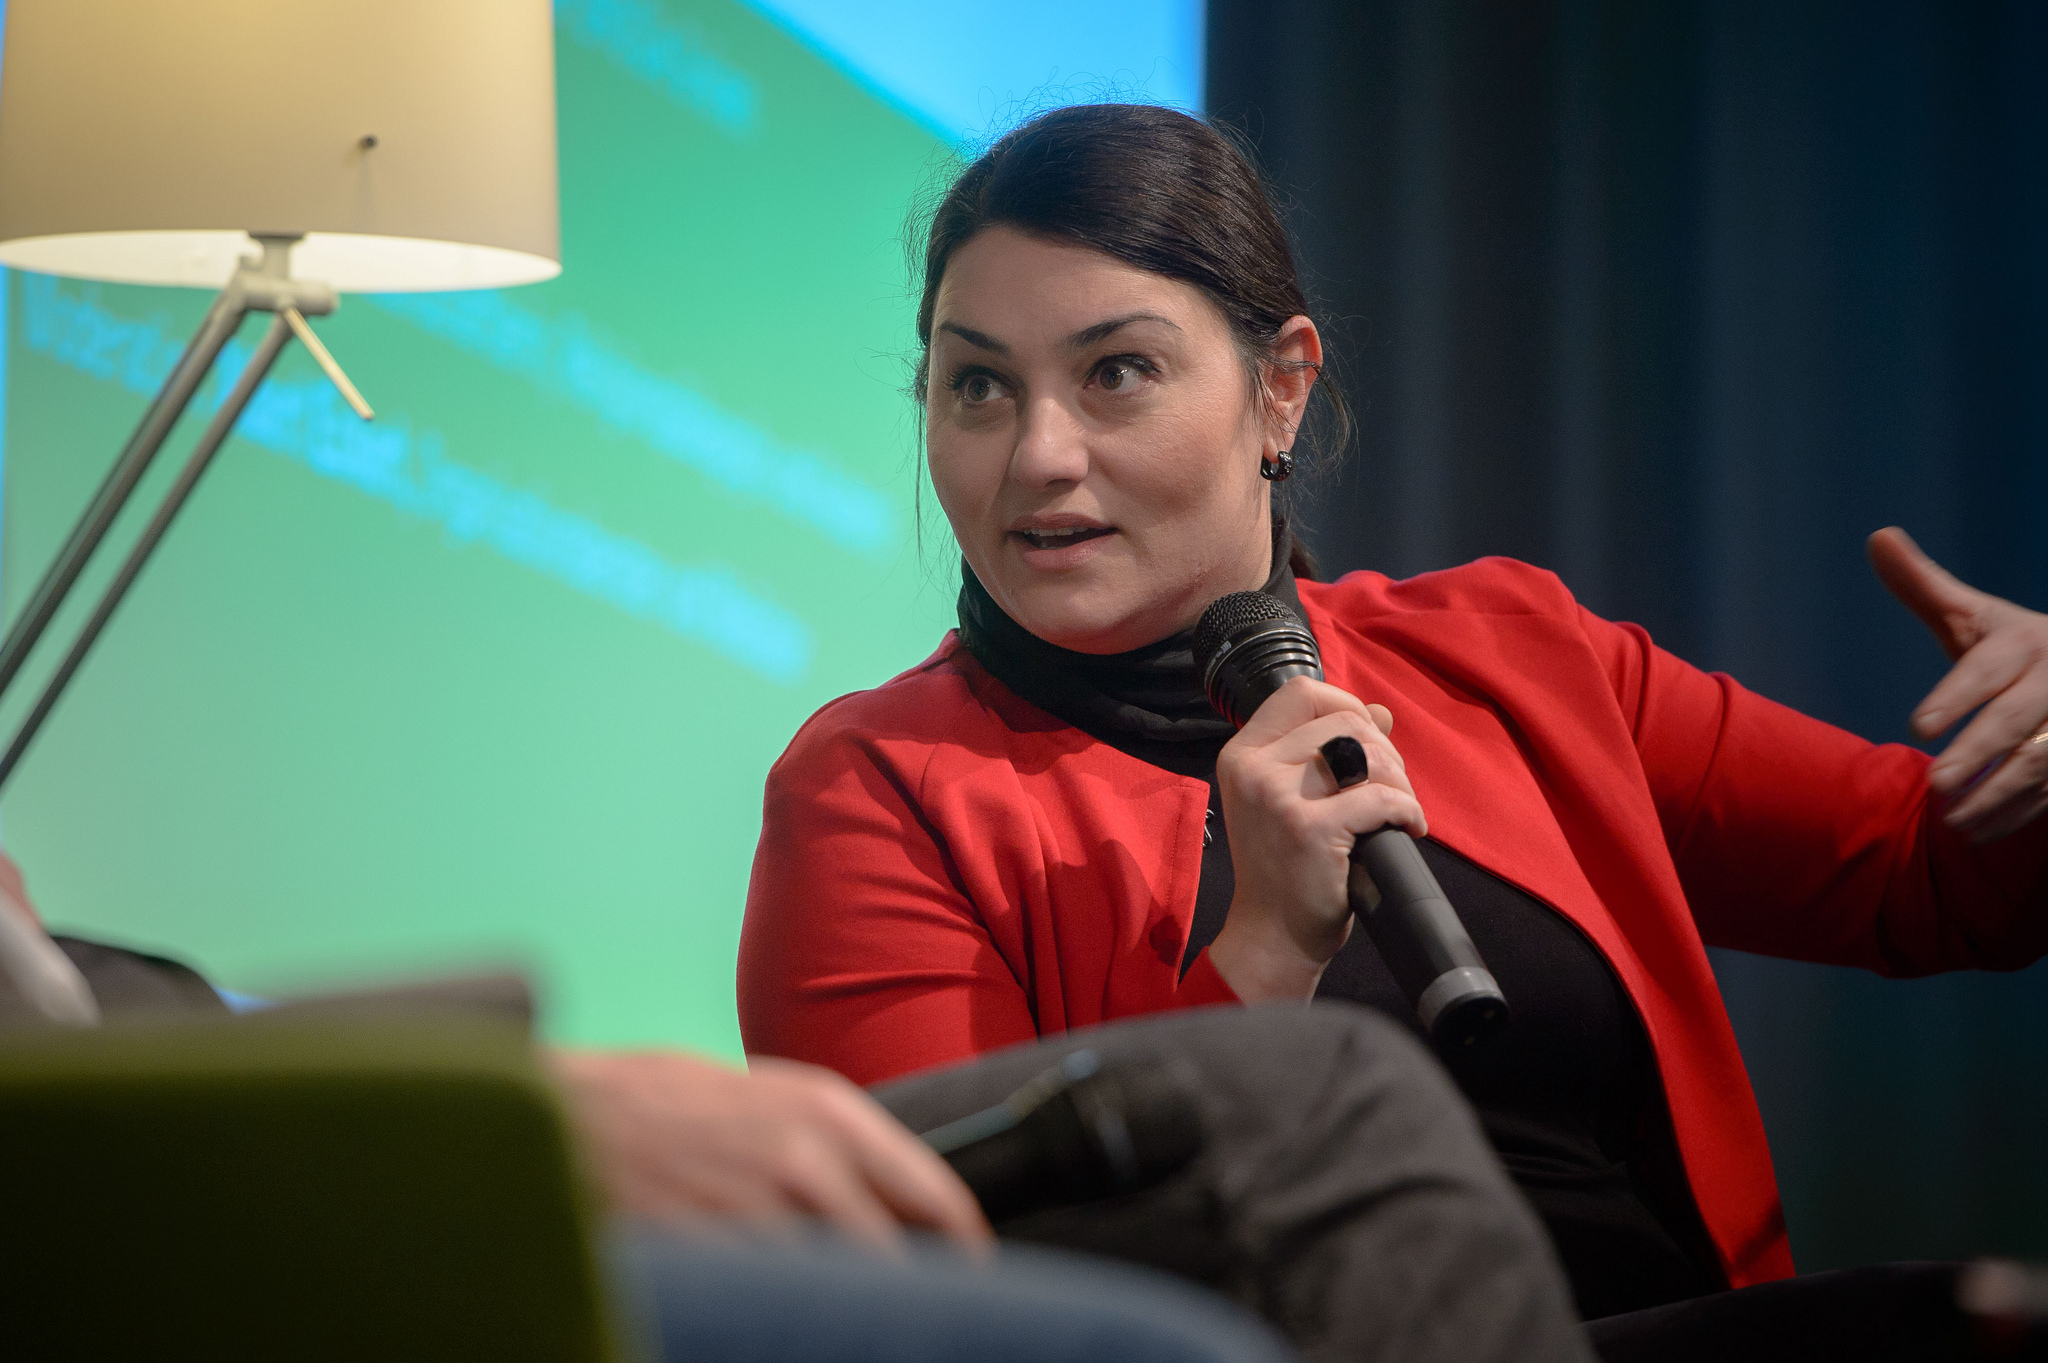 Die islamische Religionslehrerin Lamya Kaddor in einer Talkrunde der Heinrich-Böll-Stiftung. Foto: Heinrich-Böll-Stiftung / flickr (CC BY-SA 2.0)